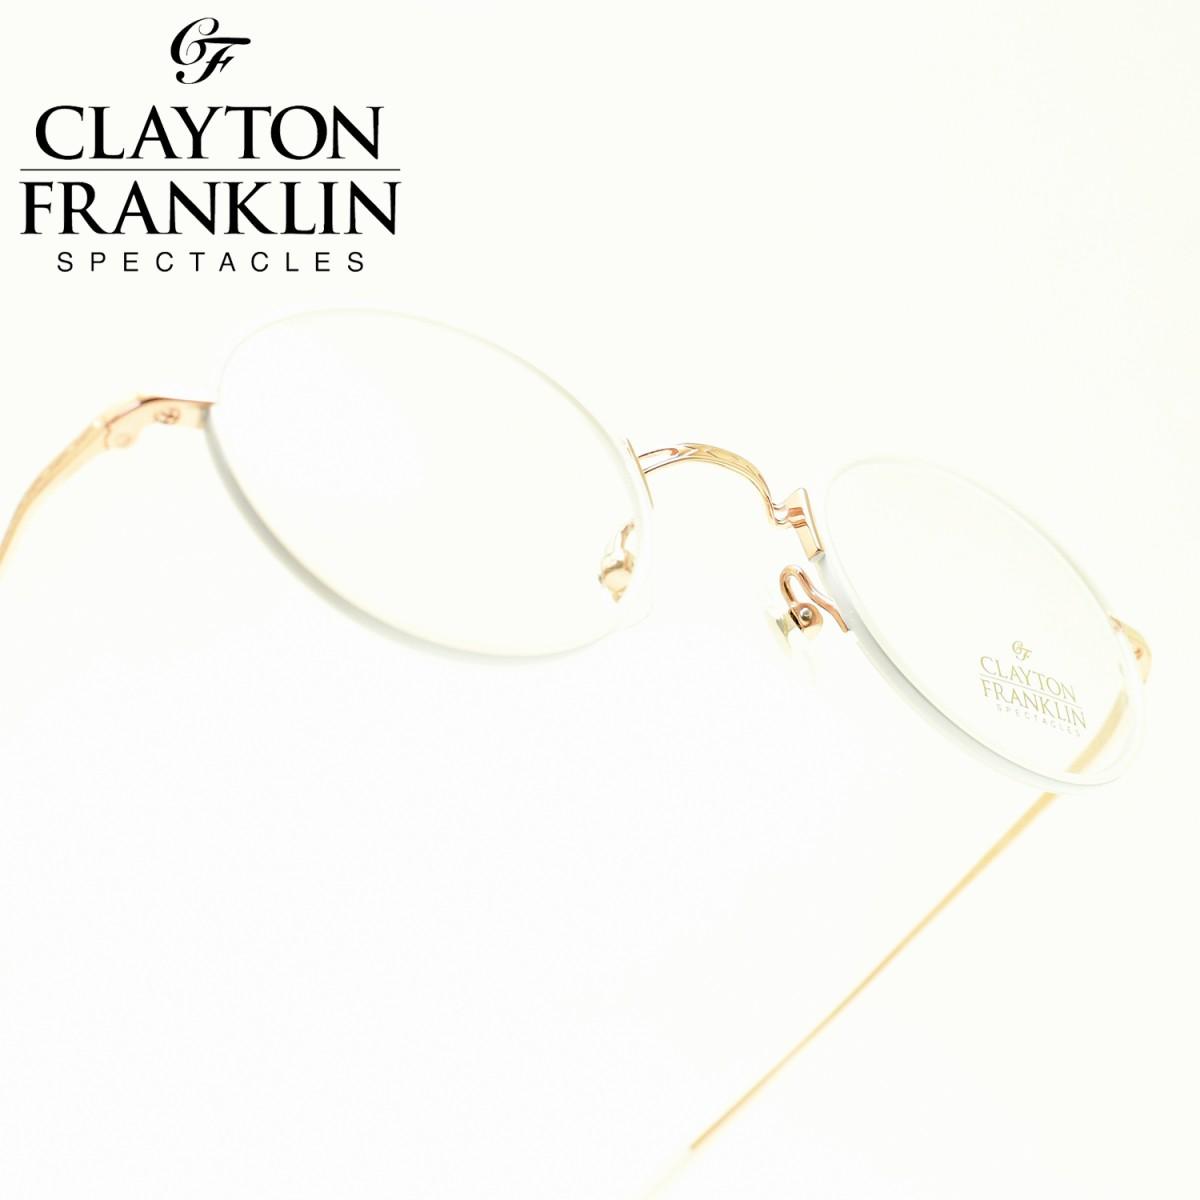 CLAYTON FRANKLIN クレイトンフランクリン636 RG(ローズゴールド/デモレンズ)メガネ 眼鏡 めがね メンズ レディース おしゃれブランド 人気 おすすめ フレーム 流行り 度付き レンズ